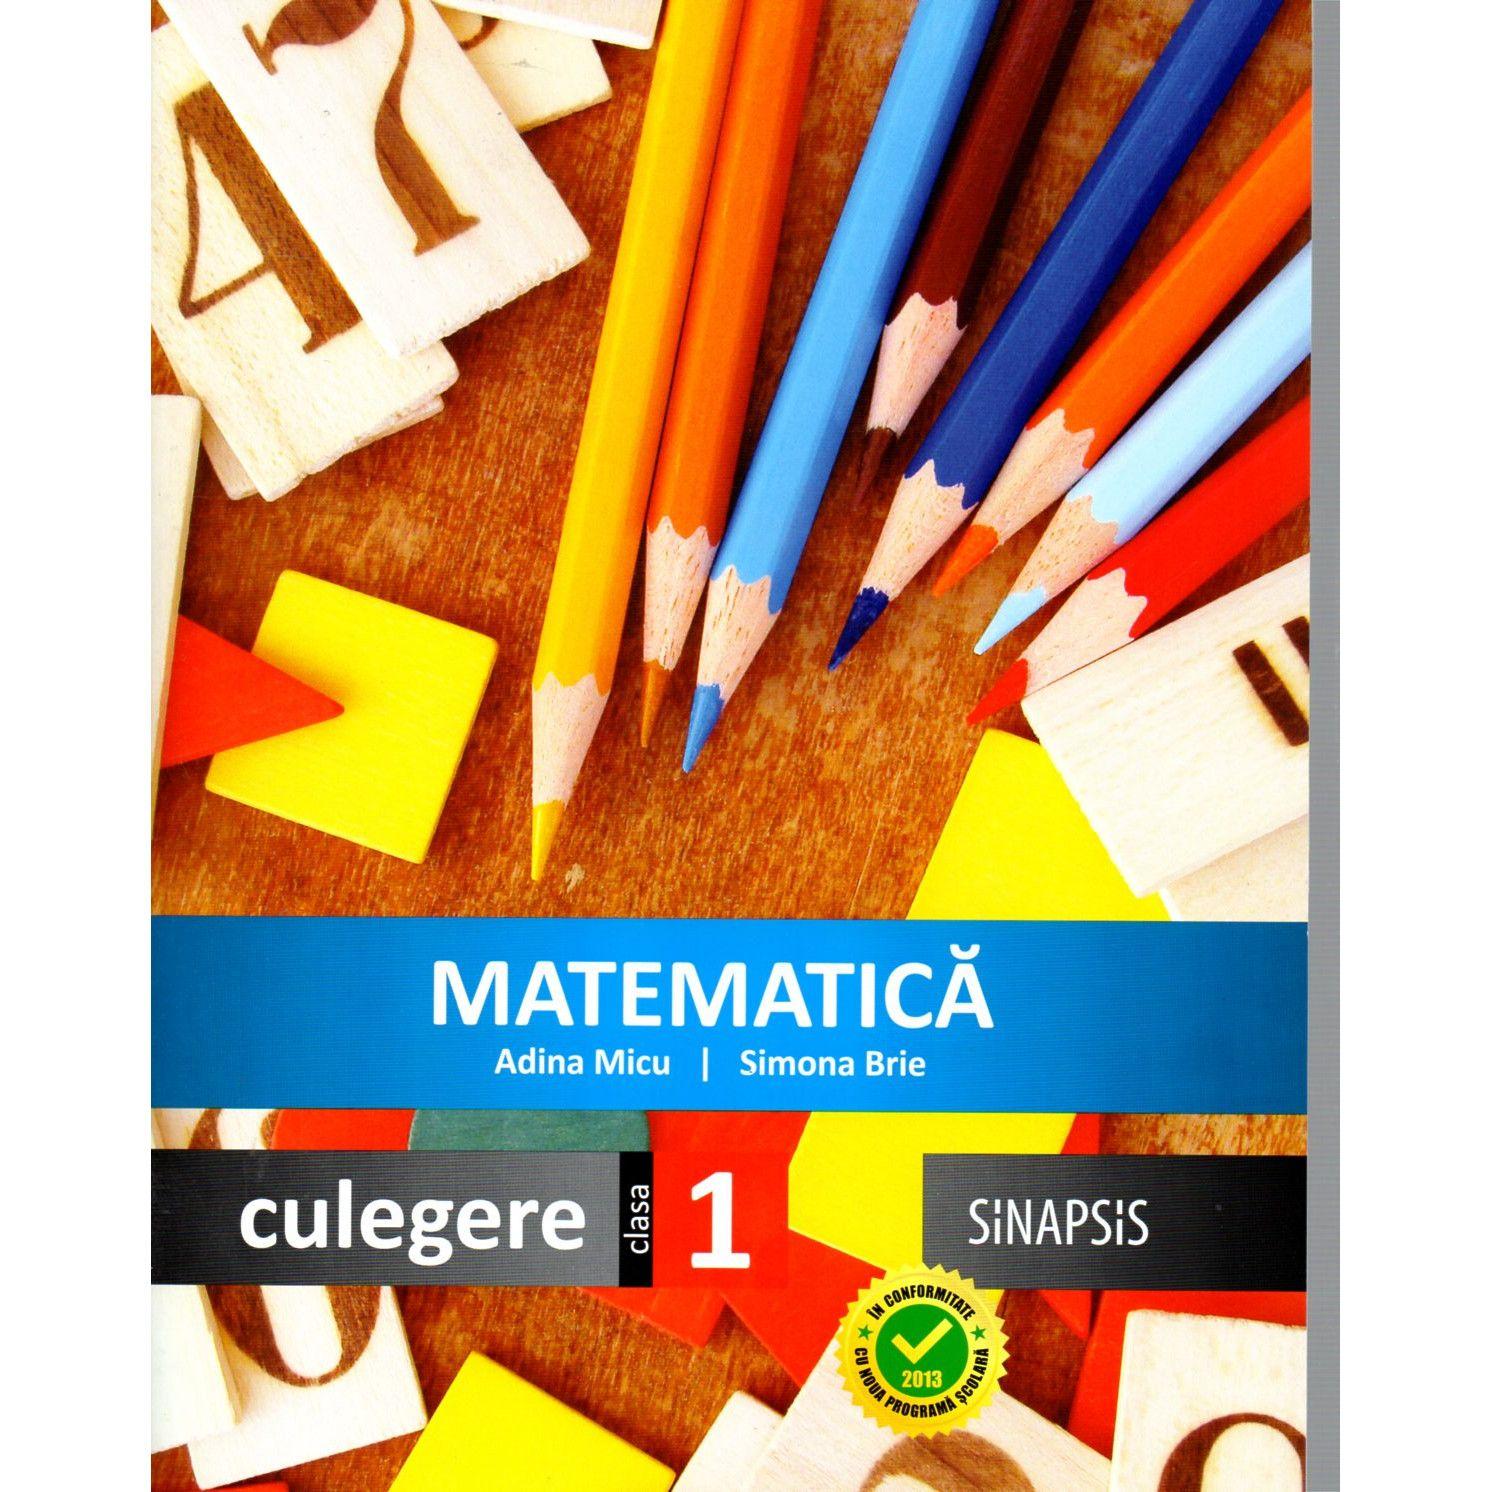 Matematica frumoasa Clasa I cu trei termeni 0-100 pentru cei isteți